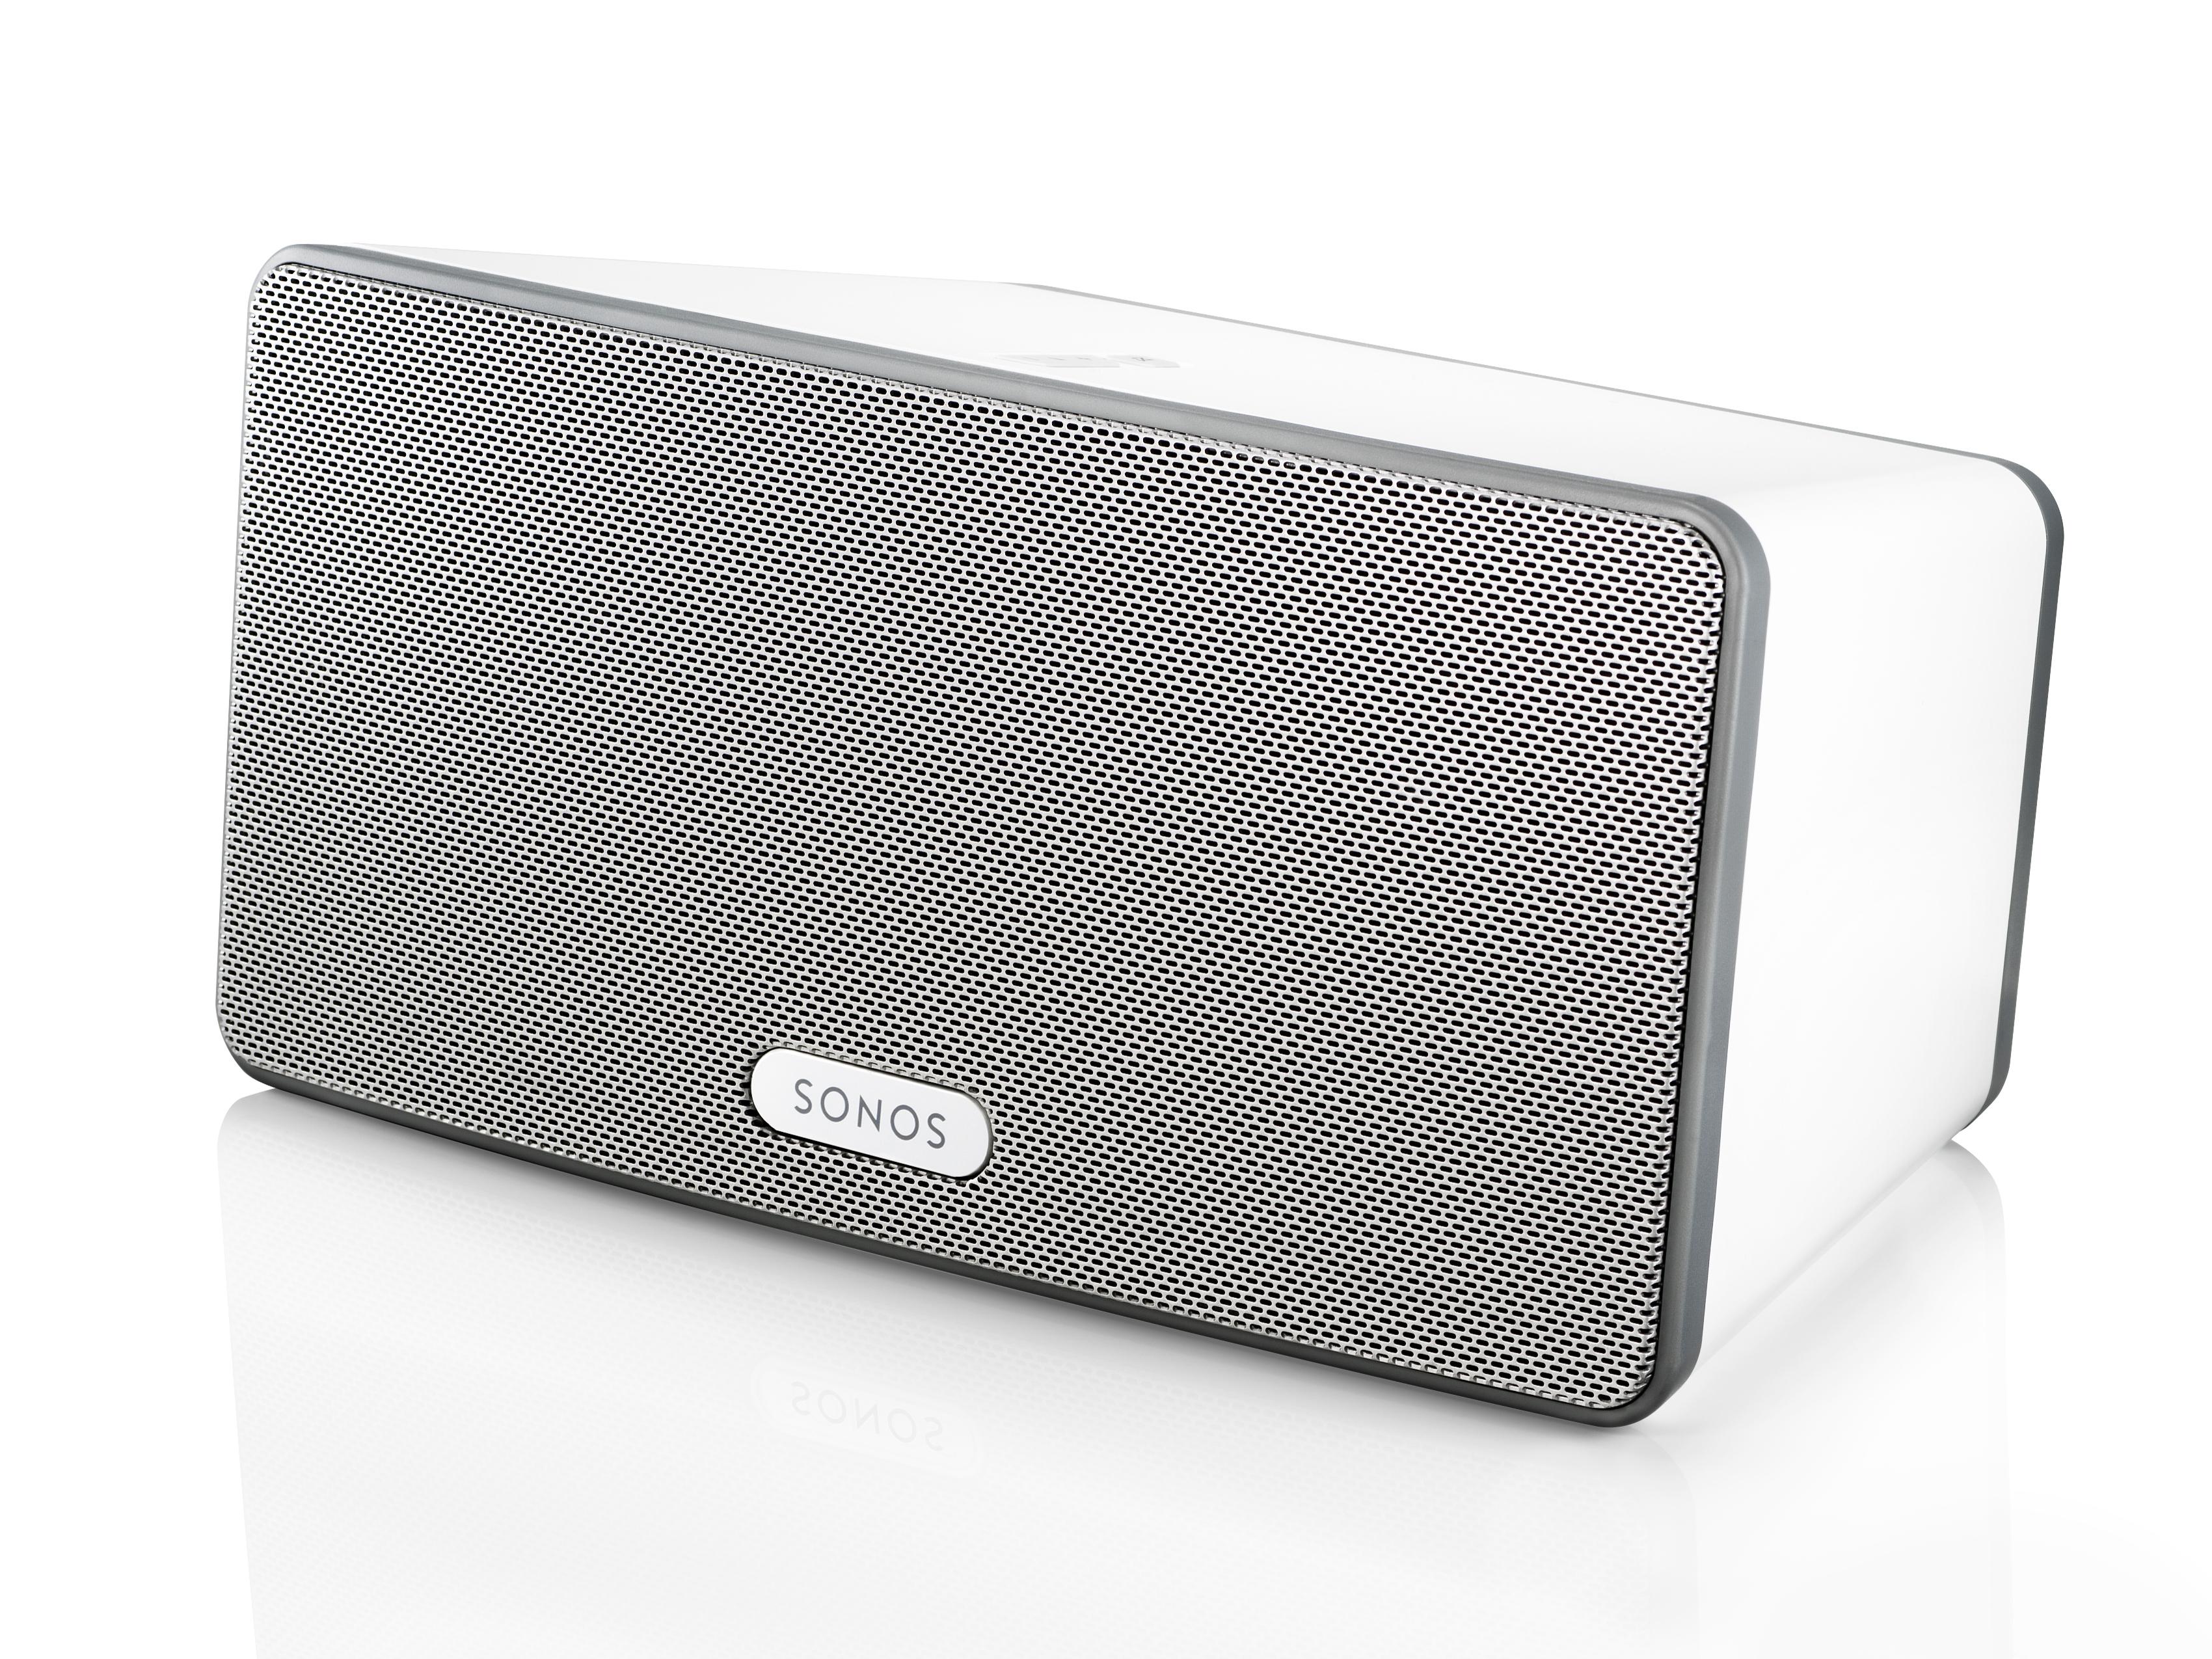 Sonos Play:3 deals